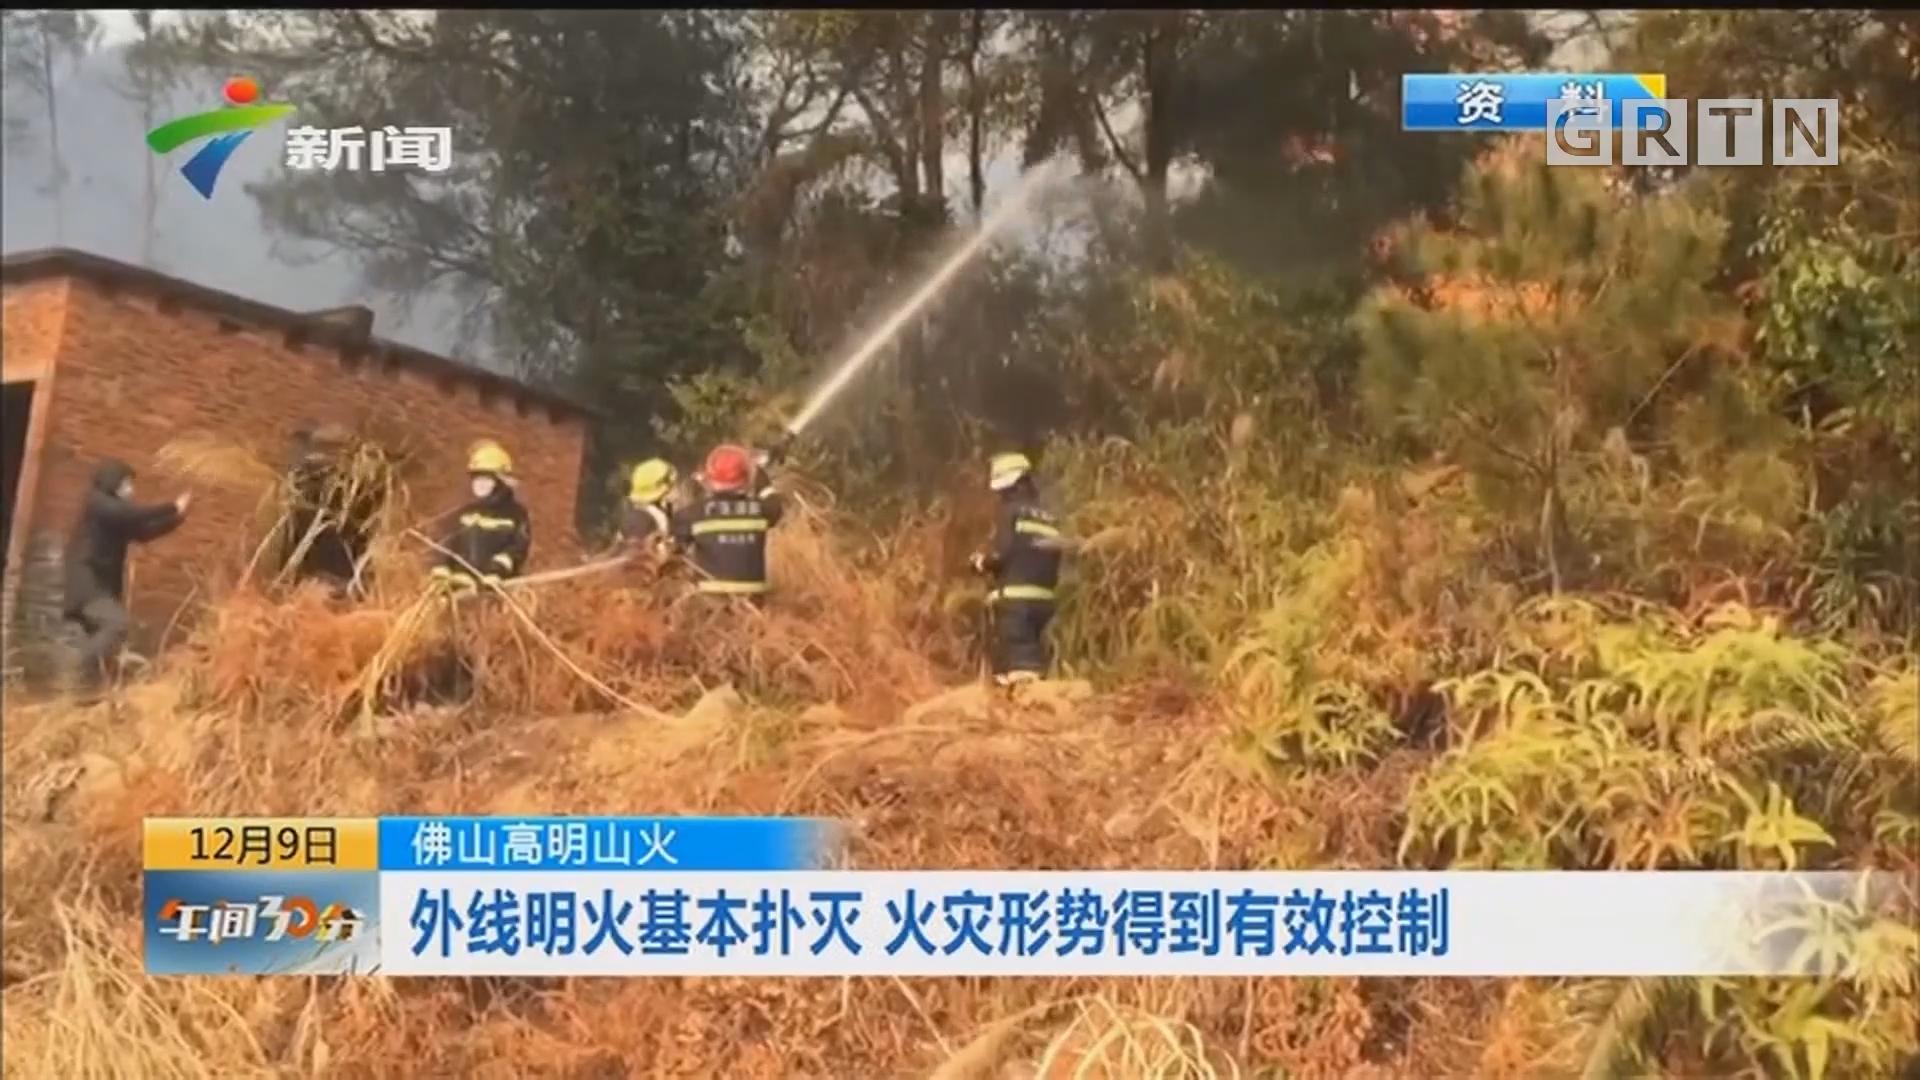 佛山高明山火:外线明火基本扑灭 火灾形势得到有效控制